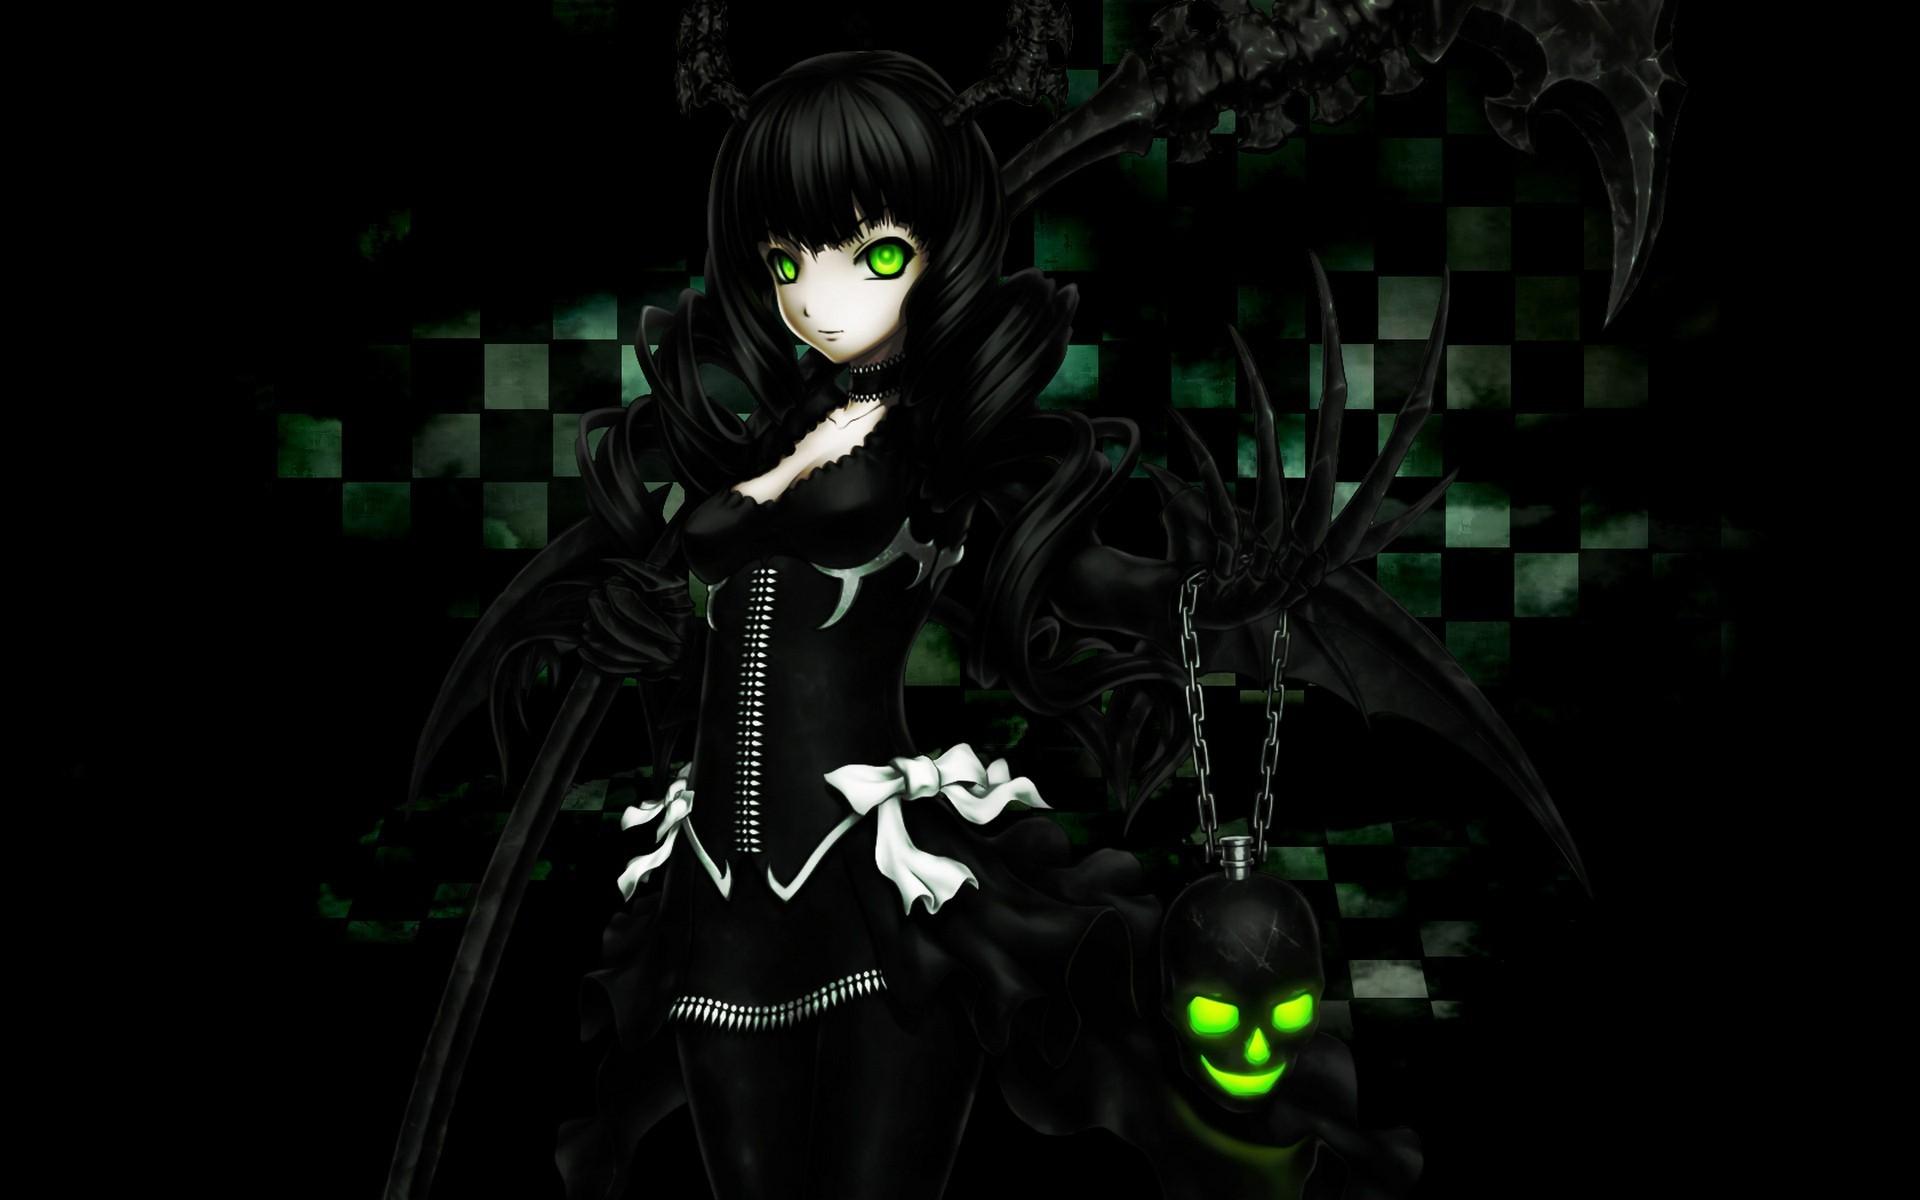 Anime gamer girl wallpaper 73 images - Anime wallpaper black background ...